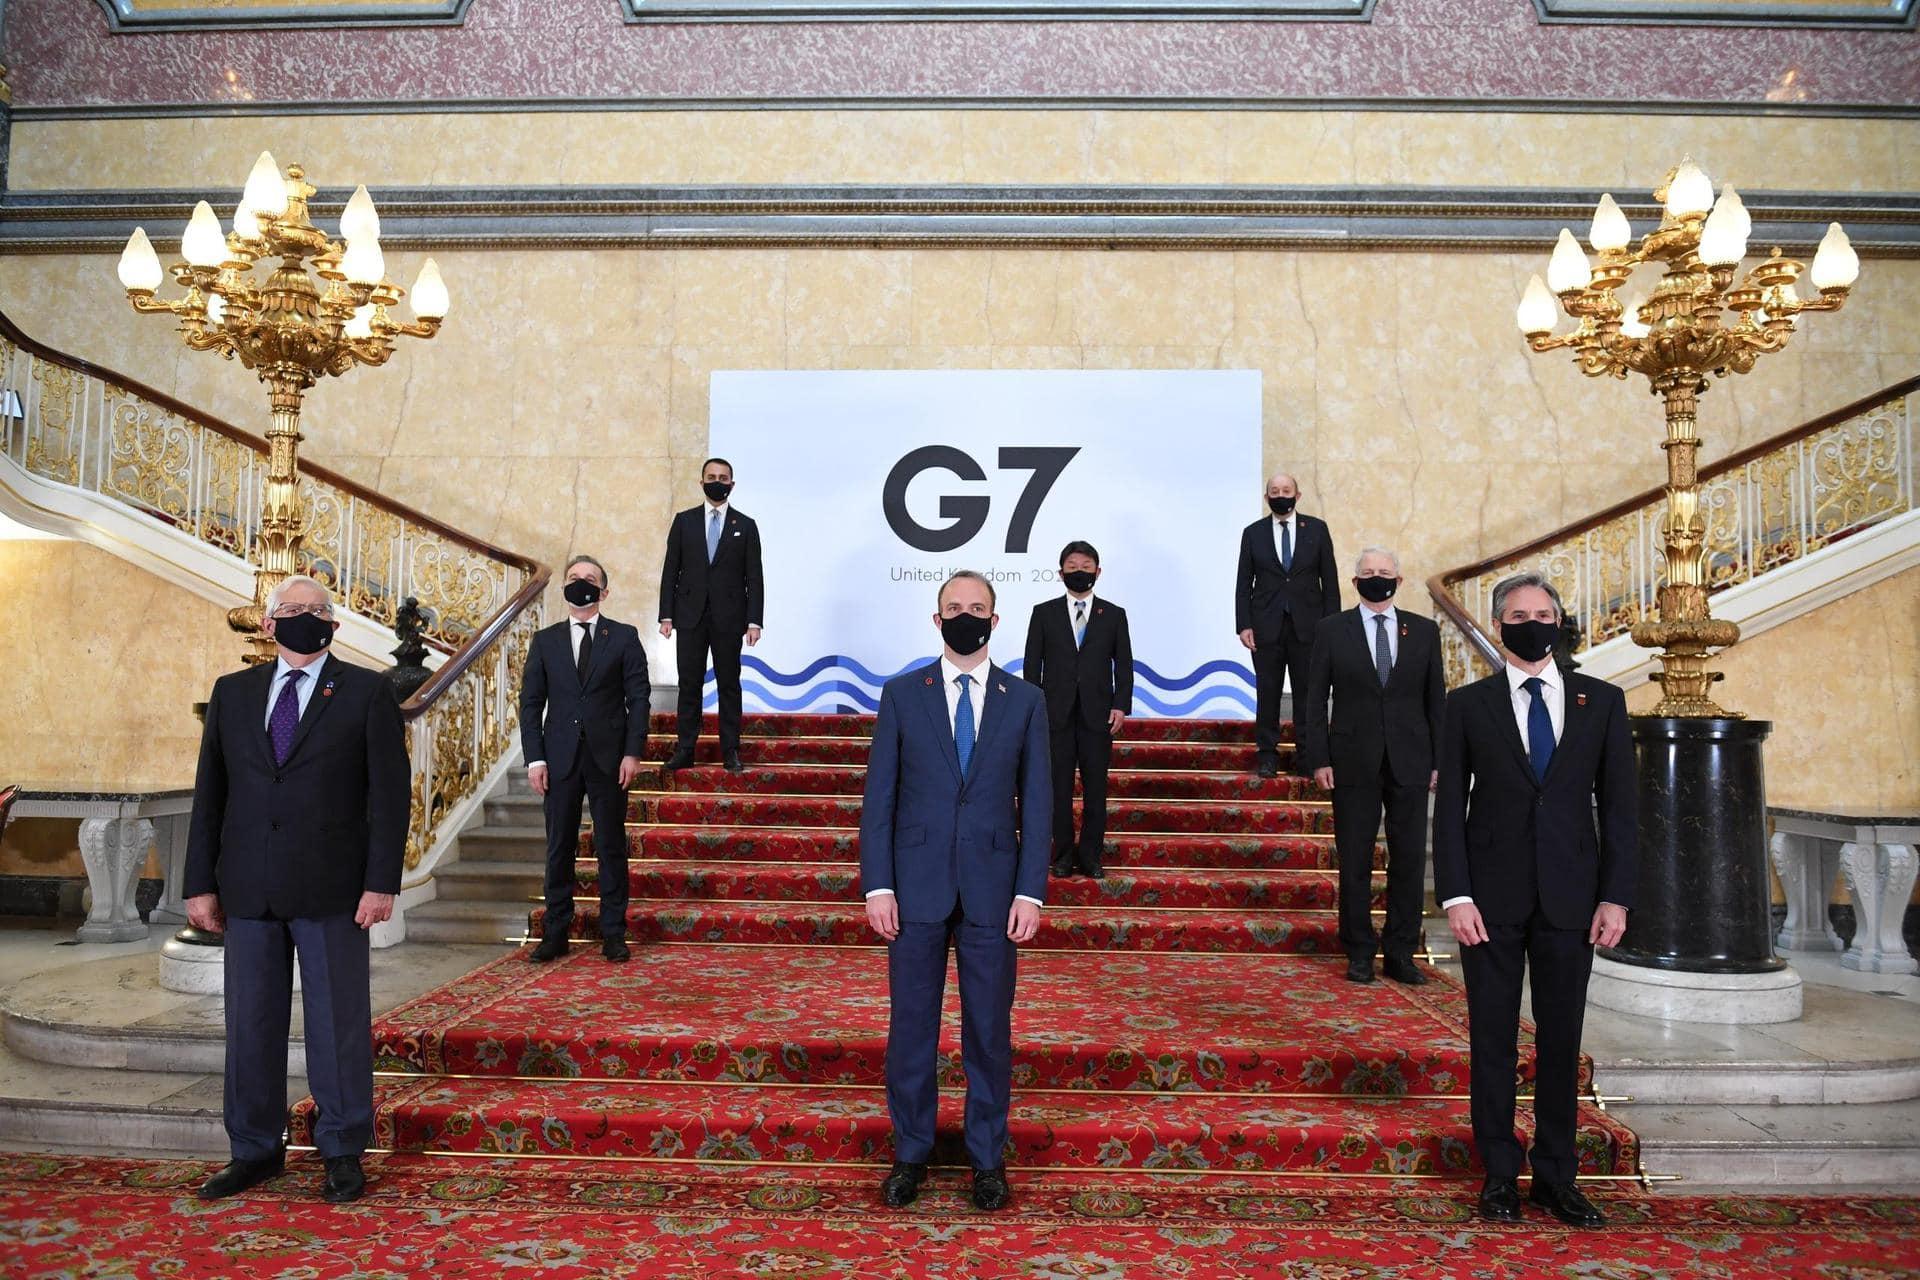 """Ringen um gemeinsame China-Strategie Treffen in London der G7-Außenminister / Maas: """"Fragen der Menschenrechte größeren Raum geben"""""""